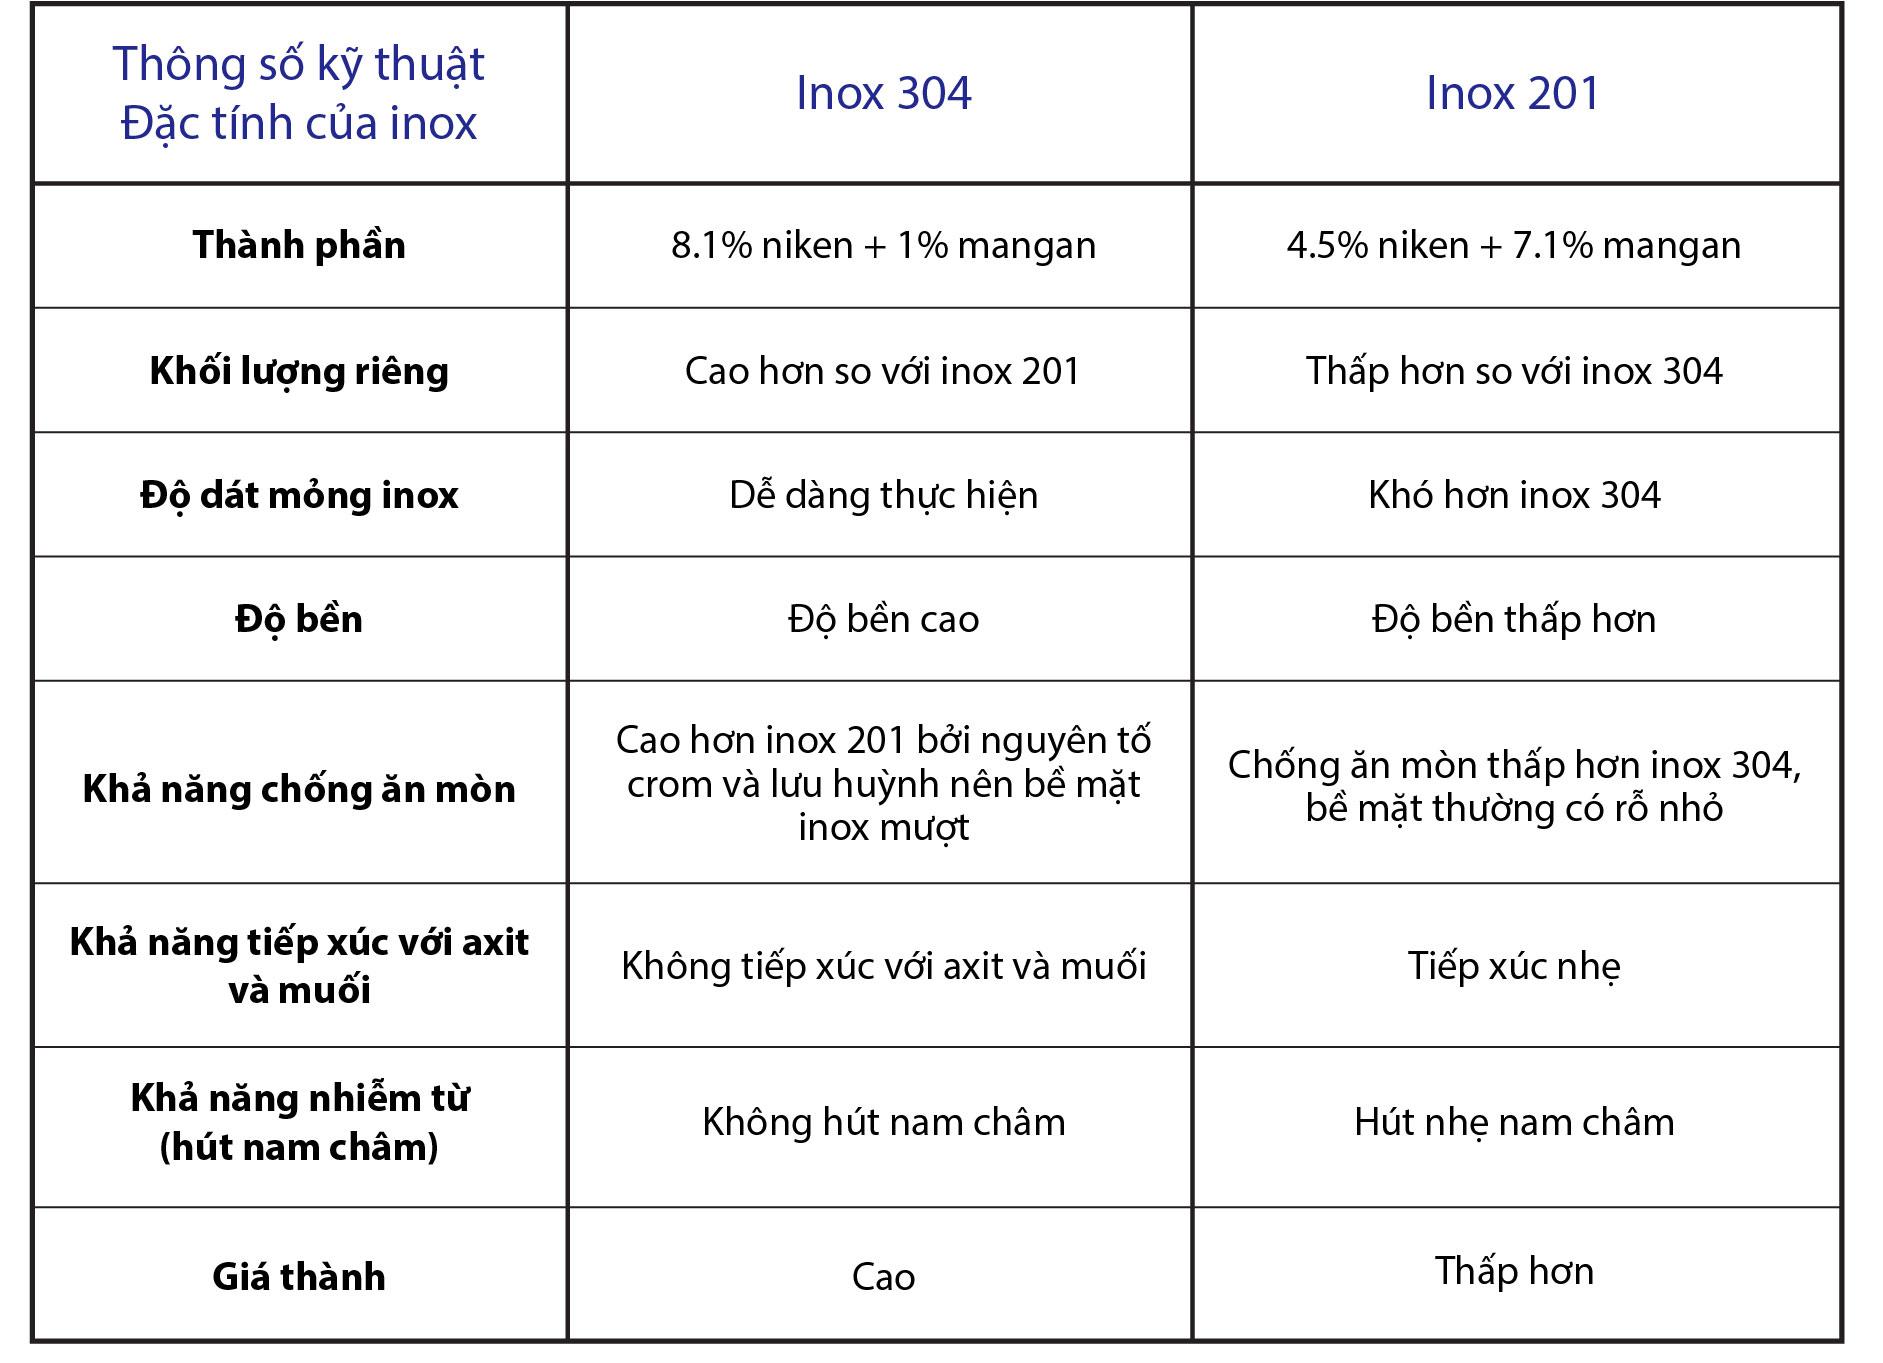 Nồi điện nấu cháo, Nồi nấu cháo bằng điện công nghiệp tại Inox Việt Nam chọn vật liệu inox 304 chất lượng cao